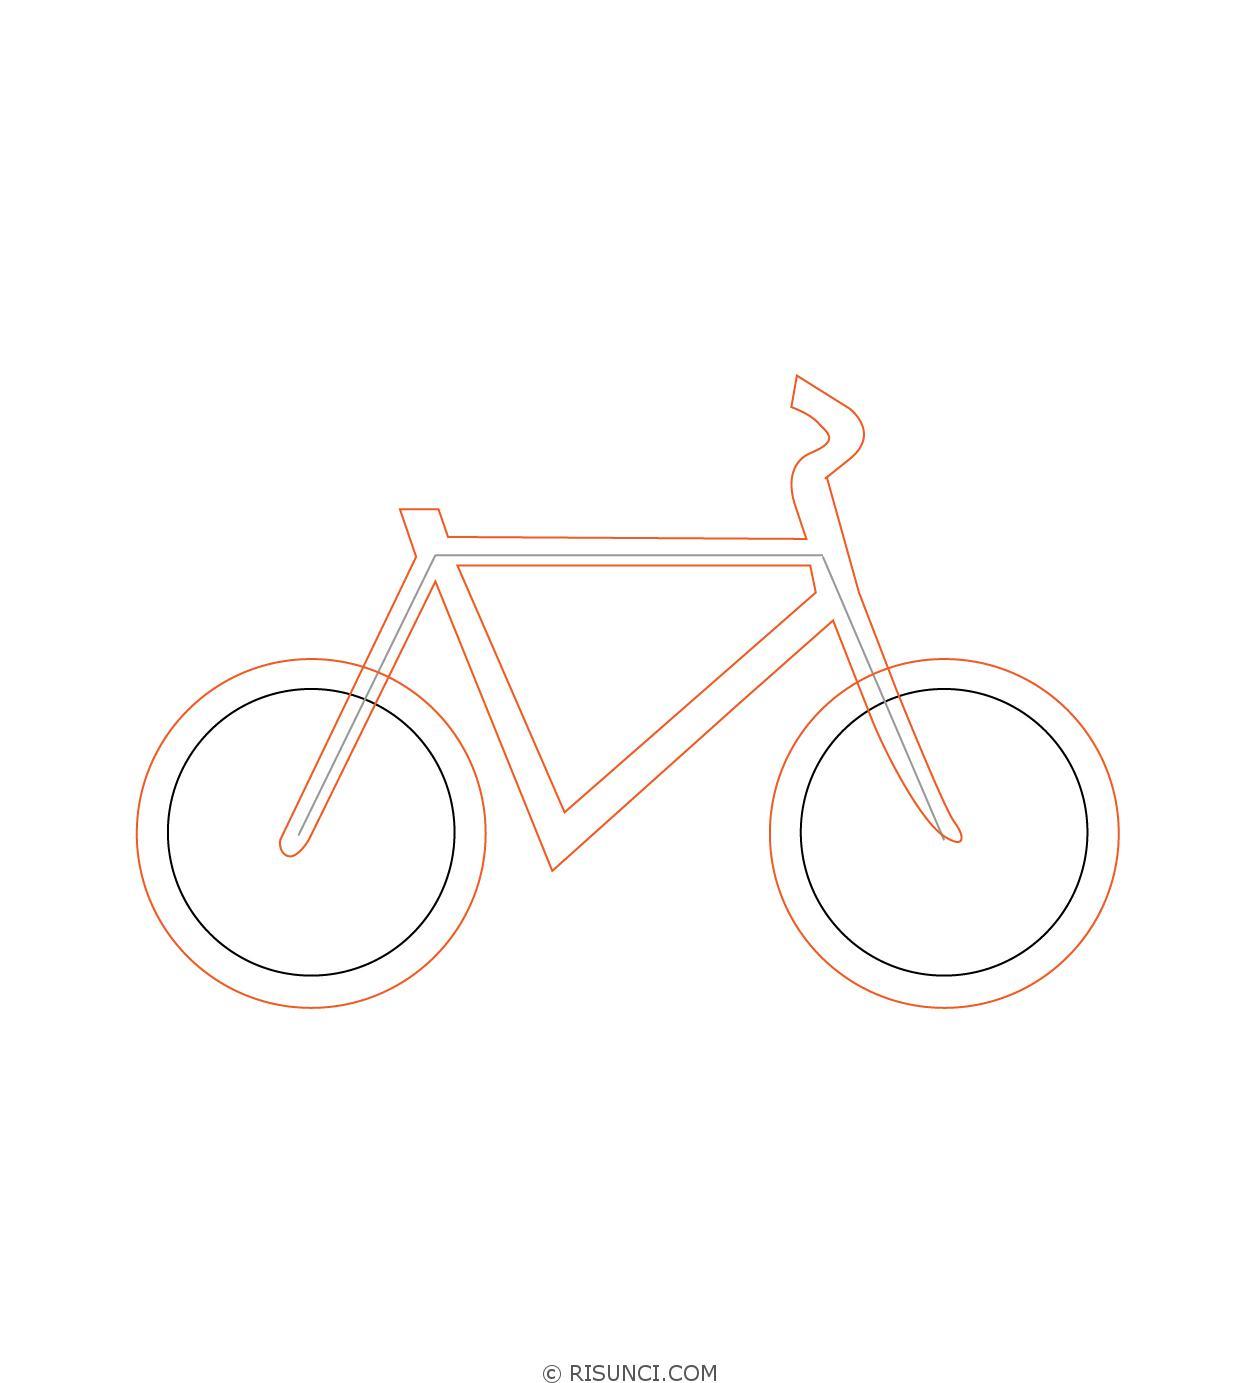 картинки велосипедиста карандашом поэтапно них, самых-самых низкорослых